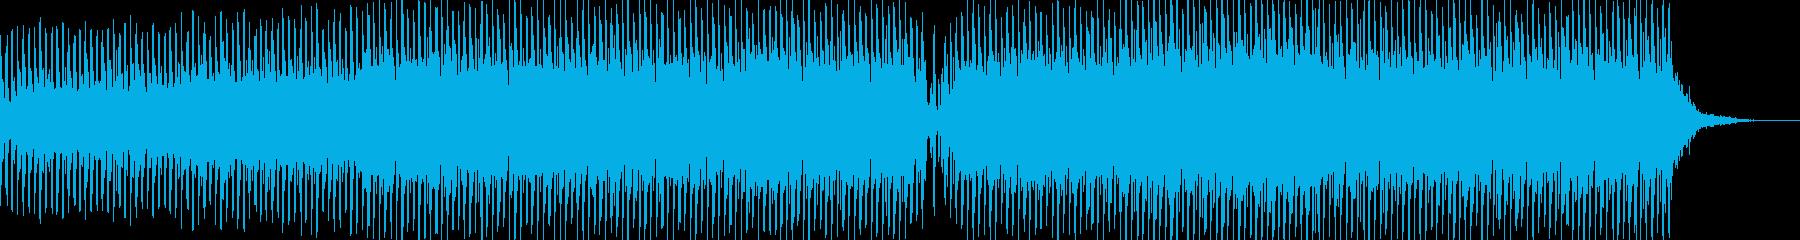 涼しげなテクノアンビエントバラードの再生済みの波形